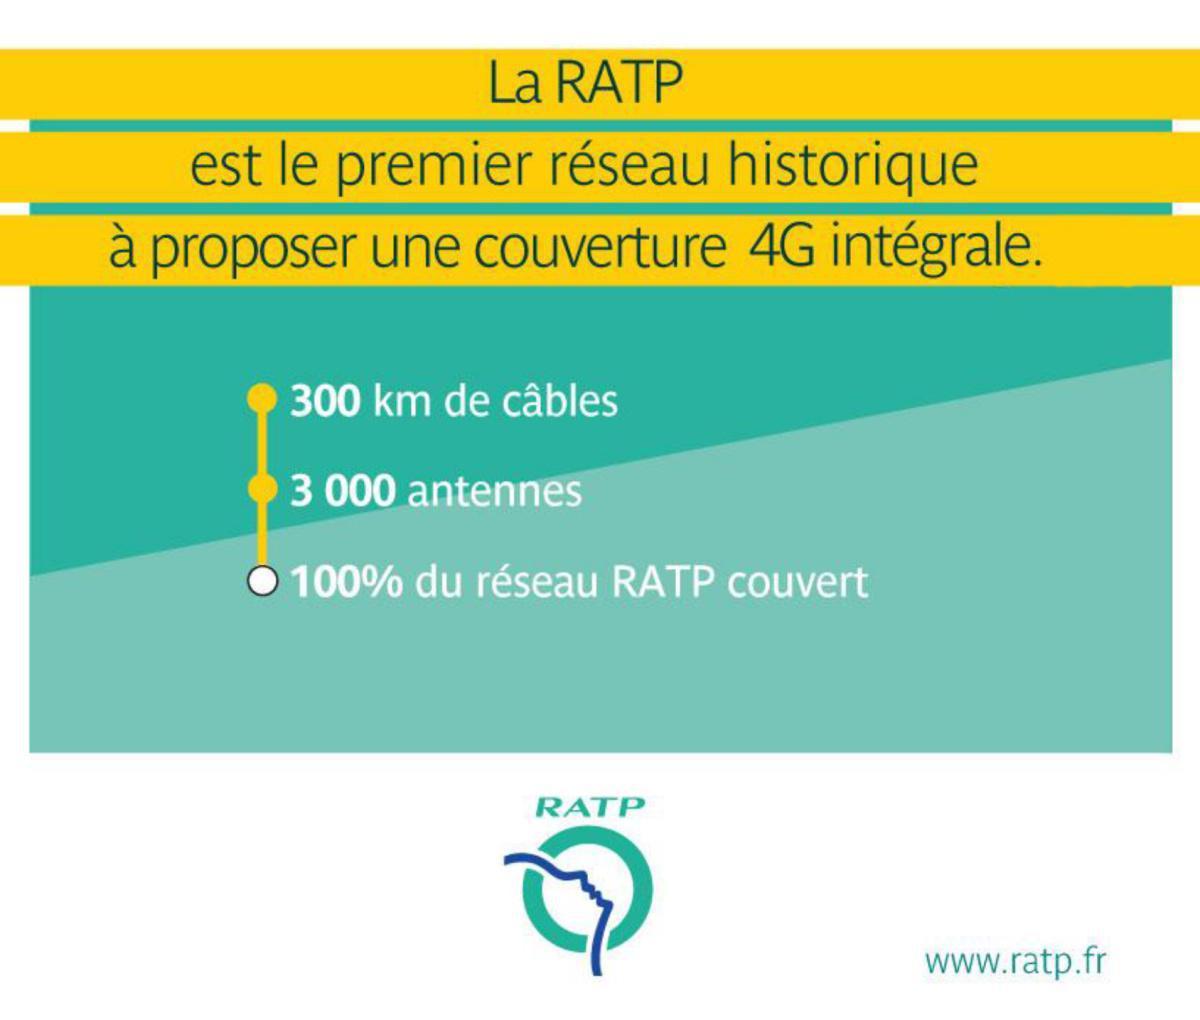 L'ensemble du réseau RATP équipé en très haut débit mobile par les opérateurs de téléphonie mobile